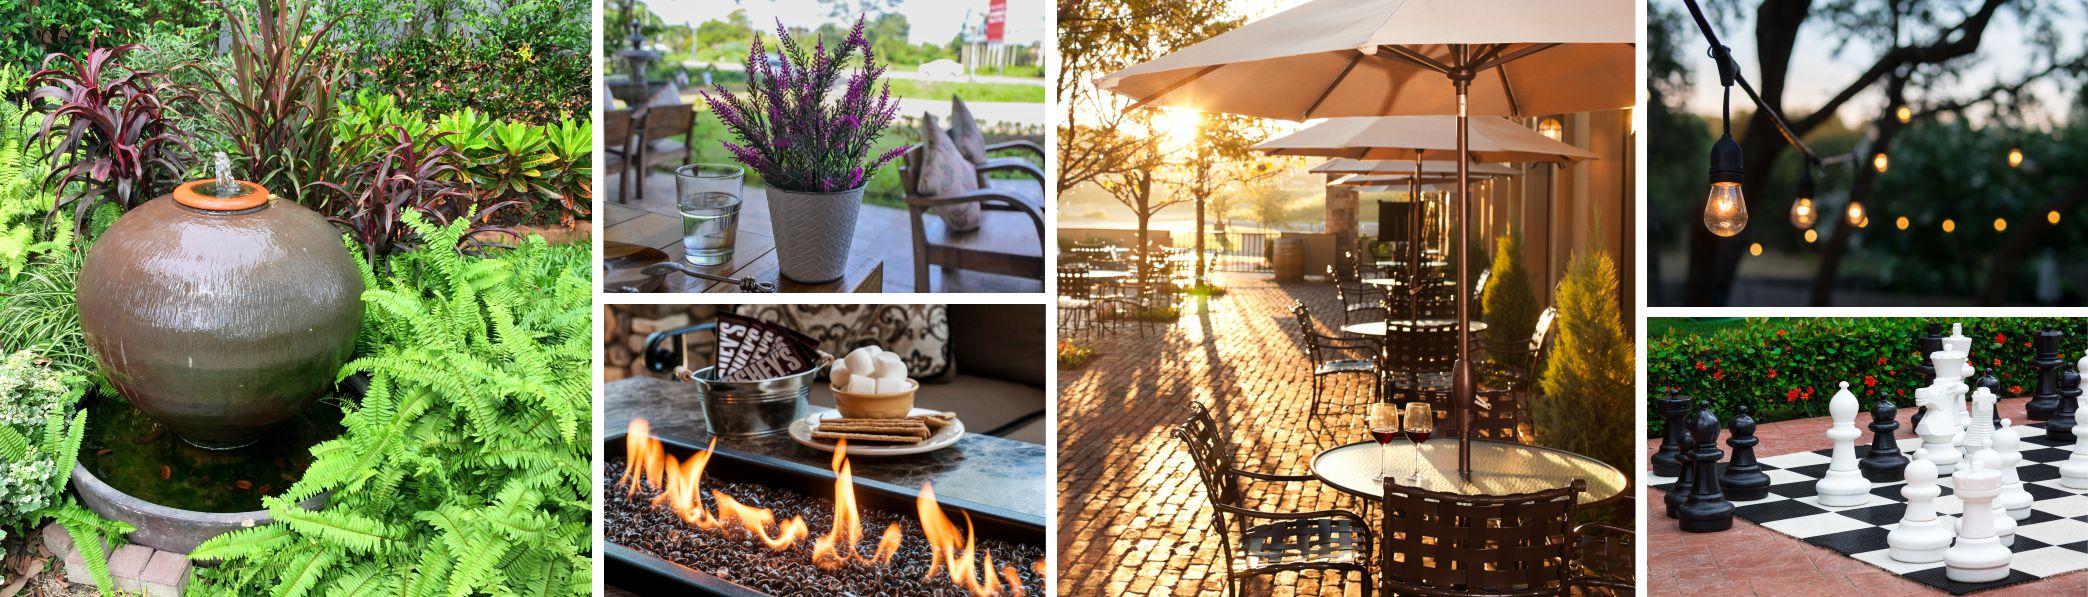 several photos of interior design ideas for outdoor spaces